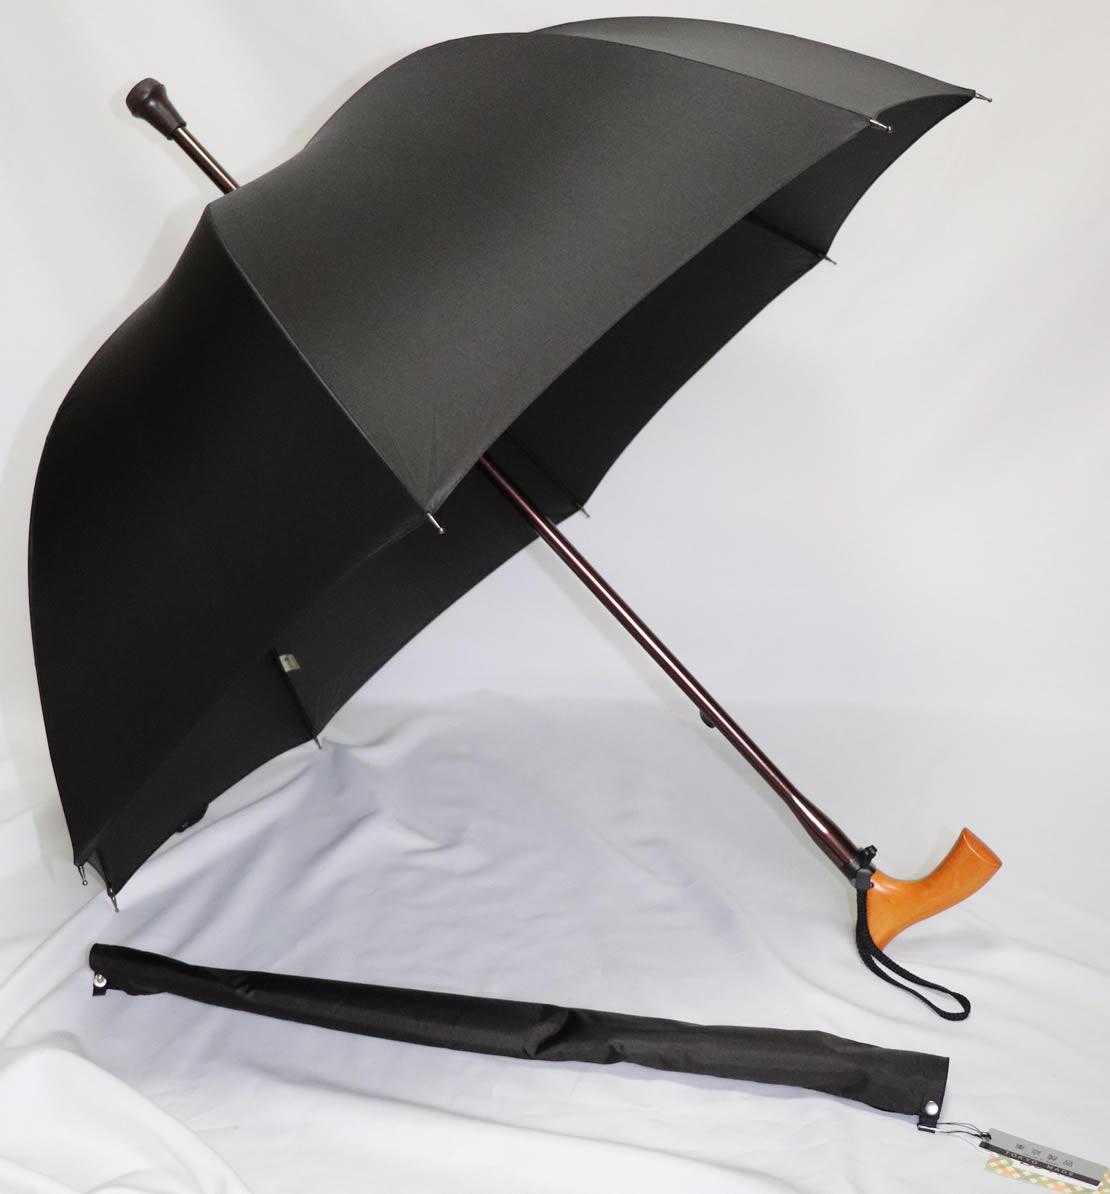 傘ステッキ ステッキ 傘 突ける傘「ステッキ傘 手開き L字型 ブラック」【送料無料】「シニア市場」